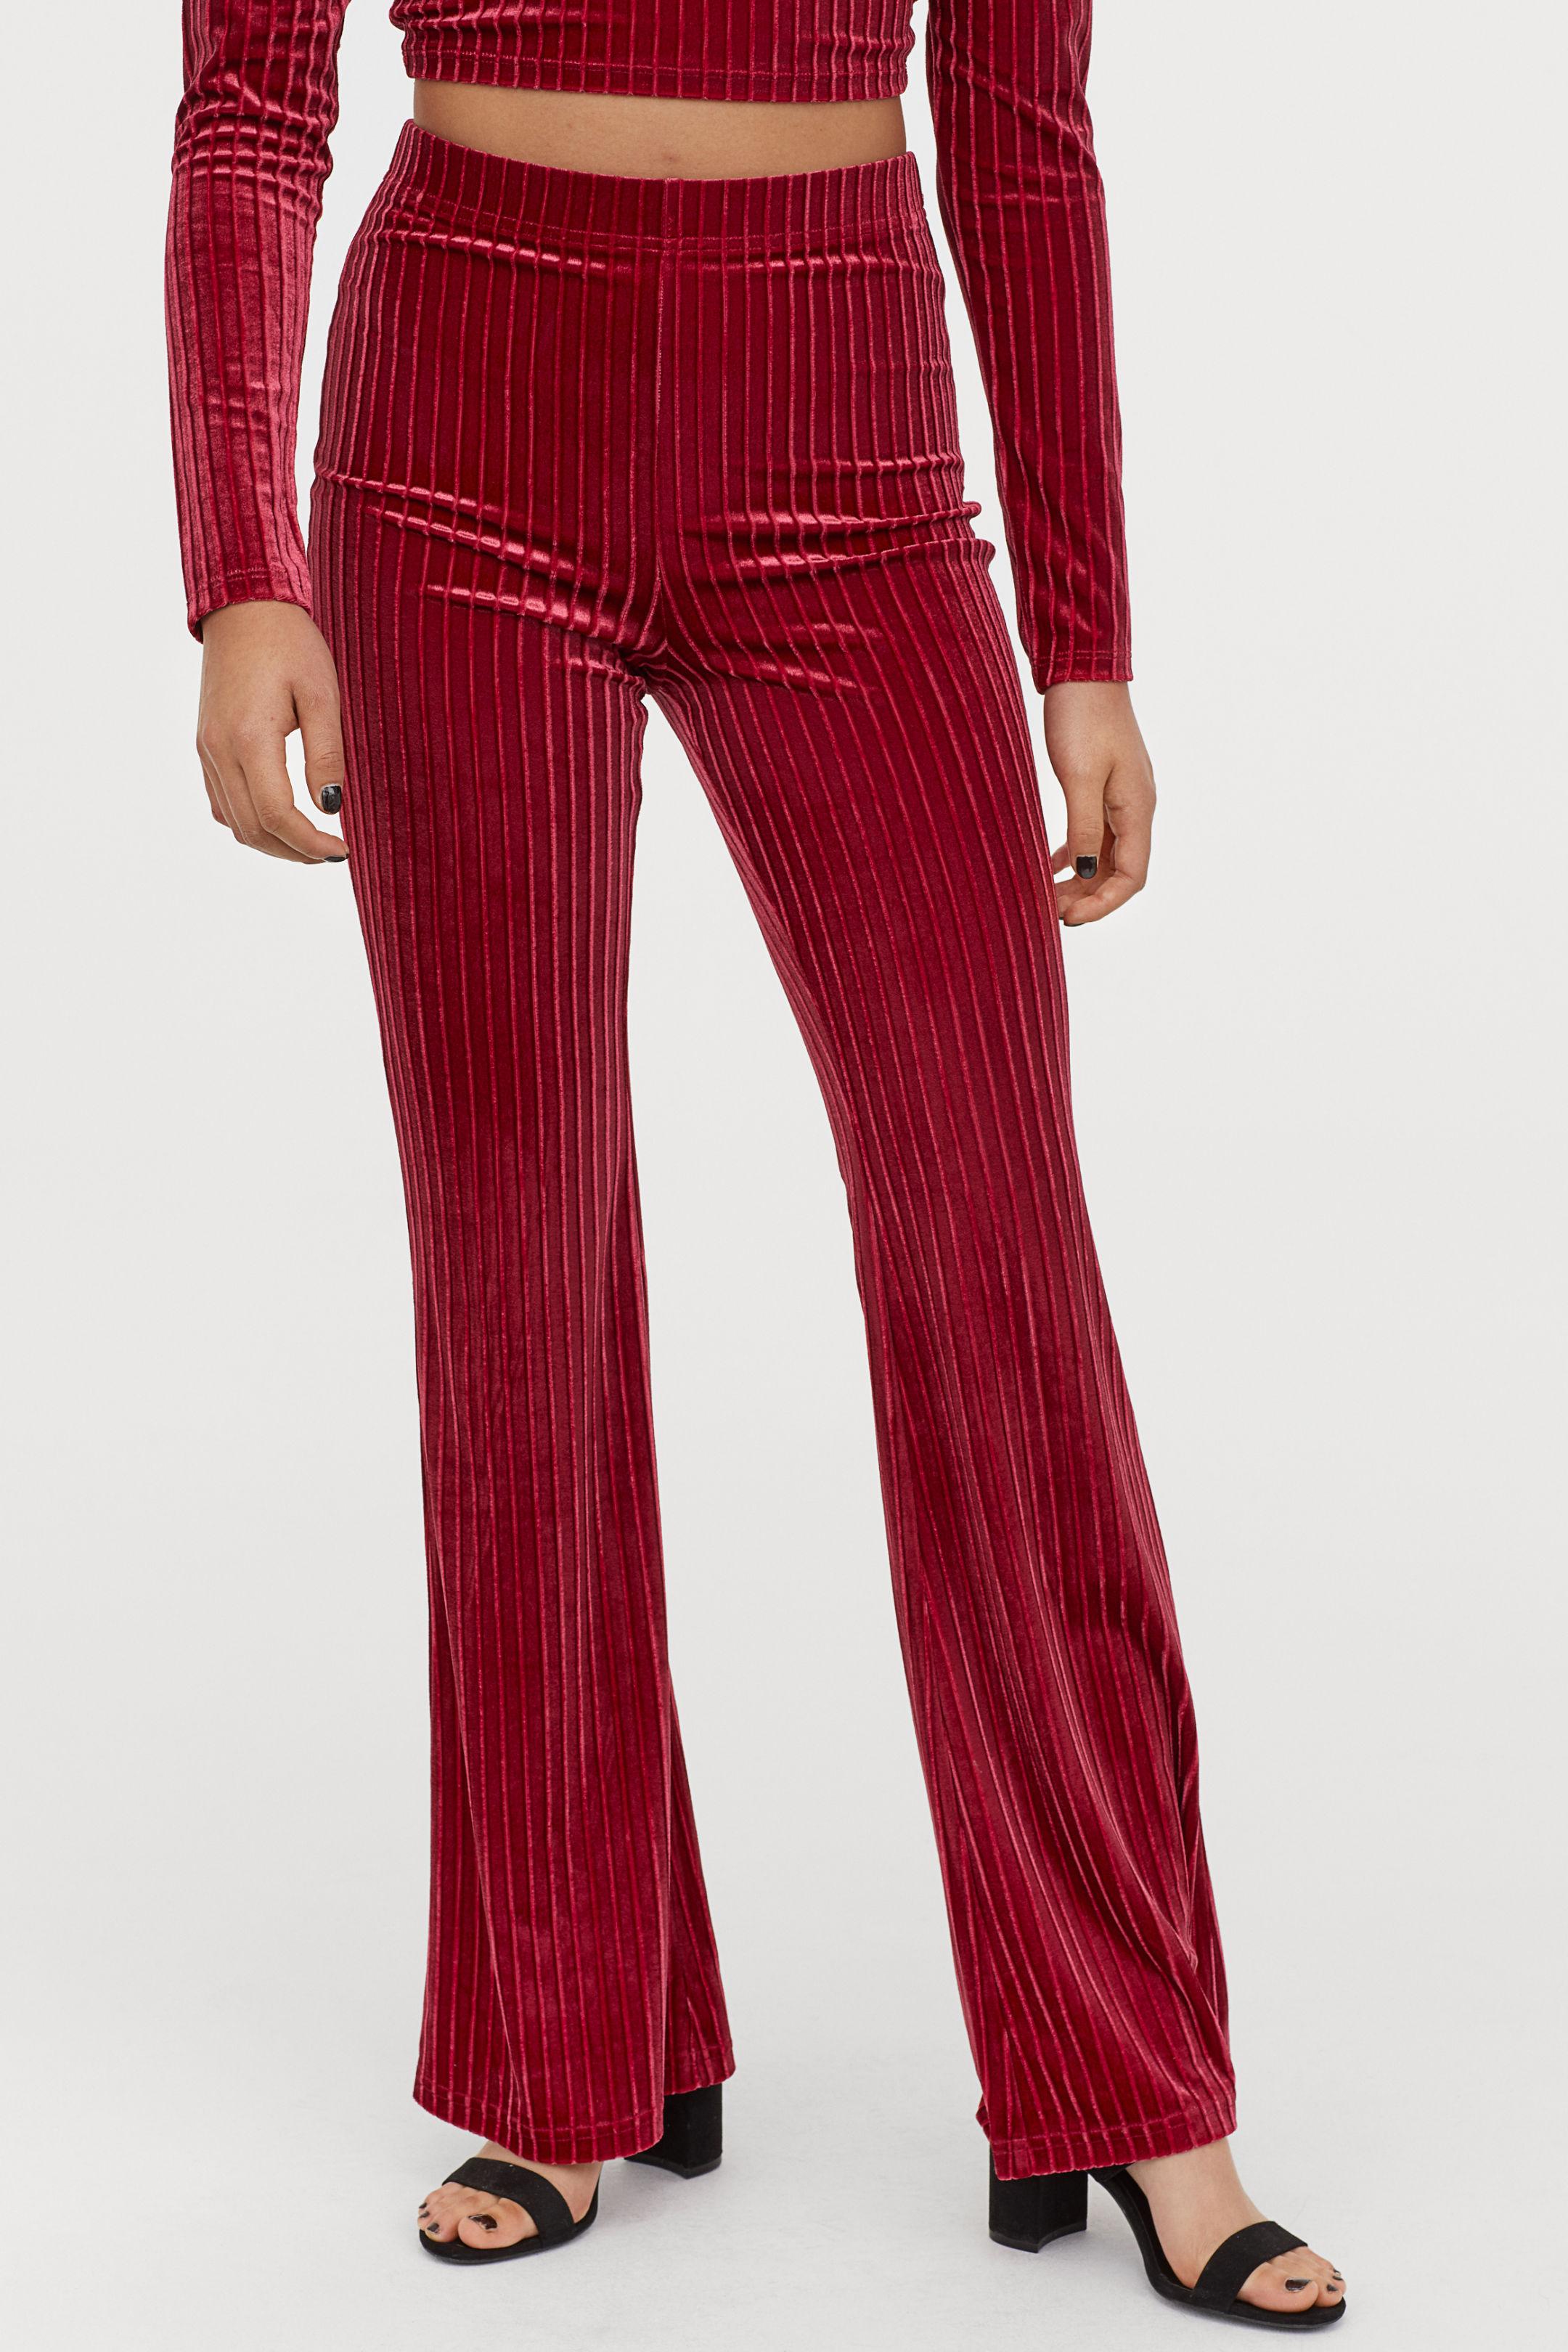 h&m broek rood rib velours